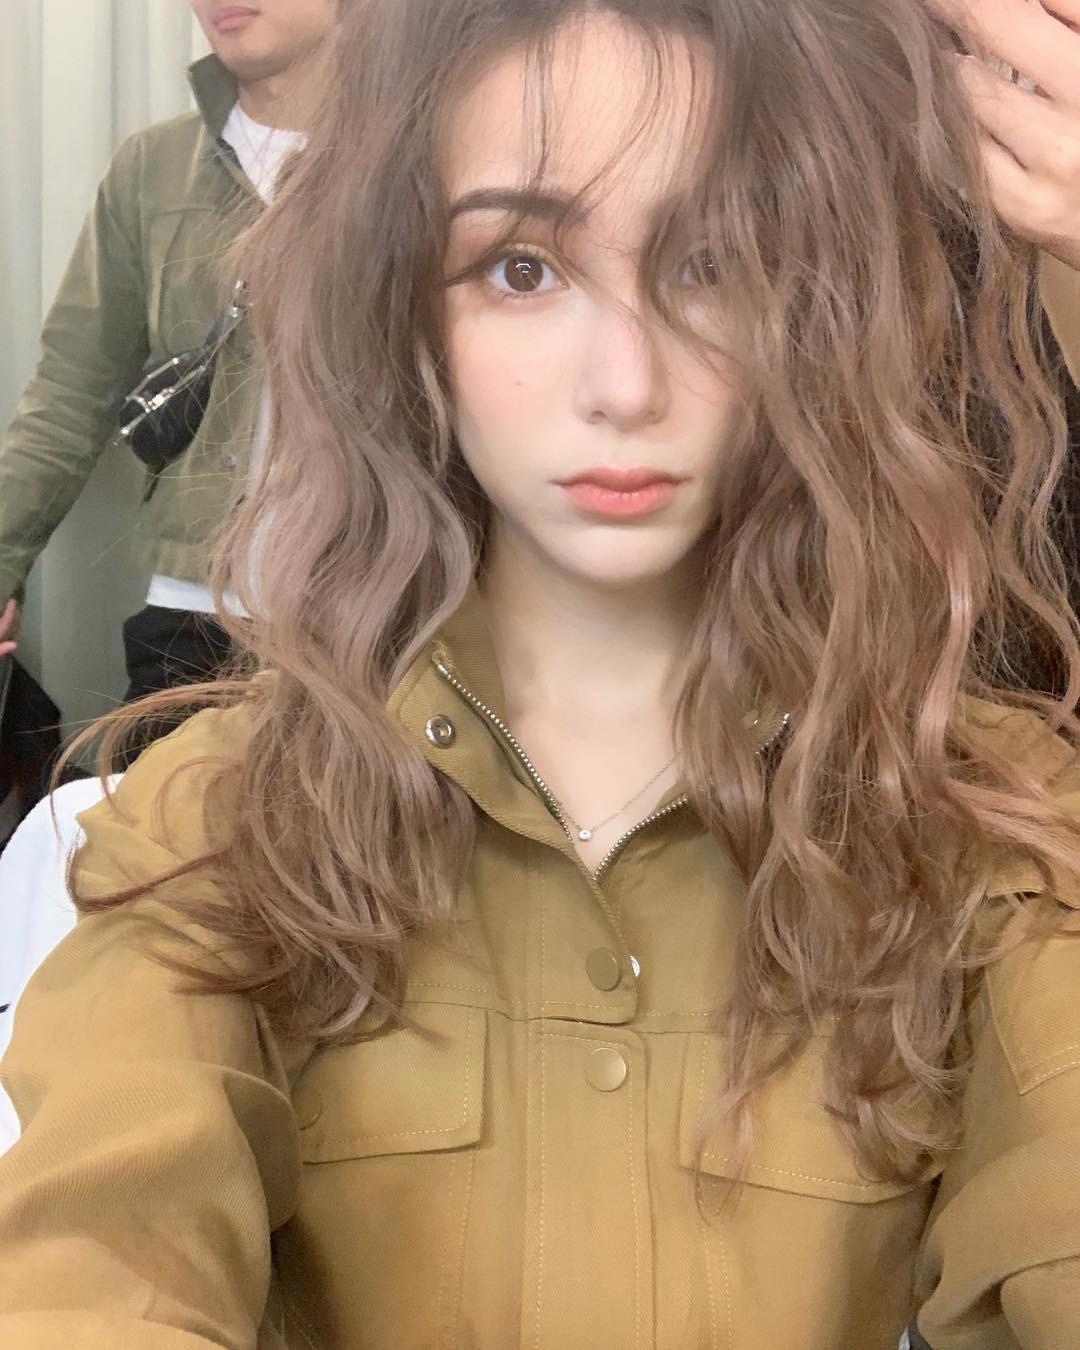 Giờ đi đâu cũng thấy chị em để tóc xoăn sóng nước, và chỉ tốn 7 phút giúp bạn hoàn thiện kiểu tóc này-3